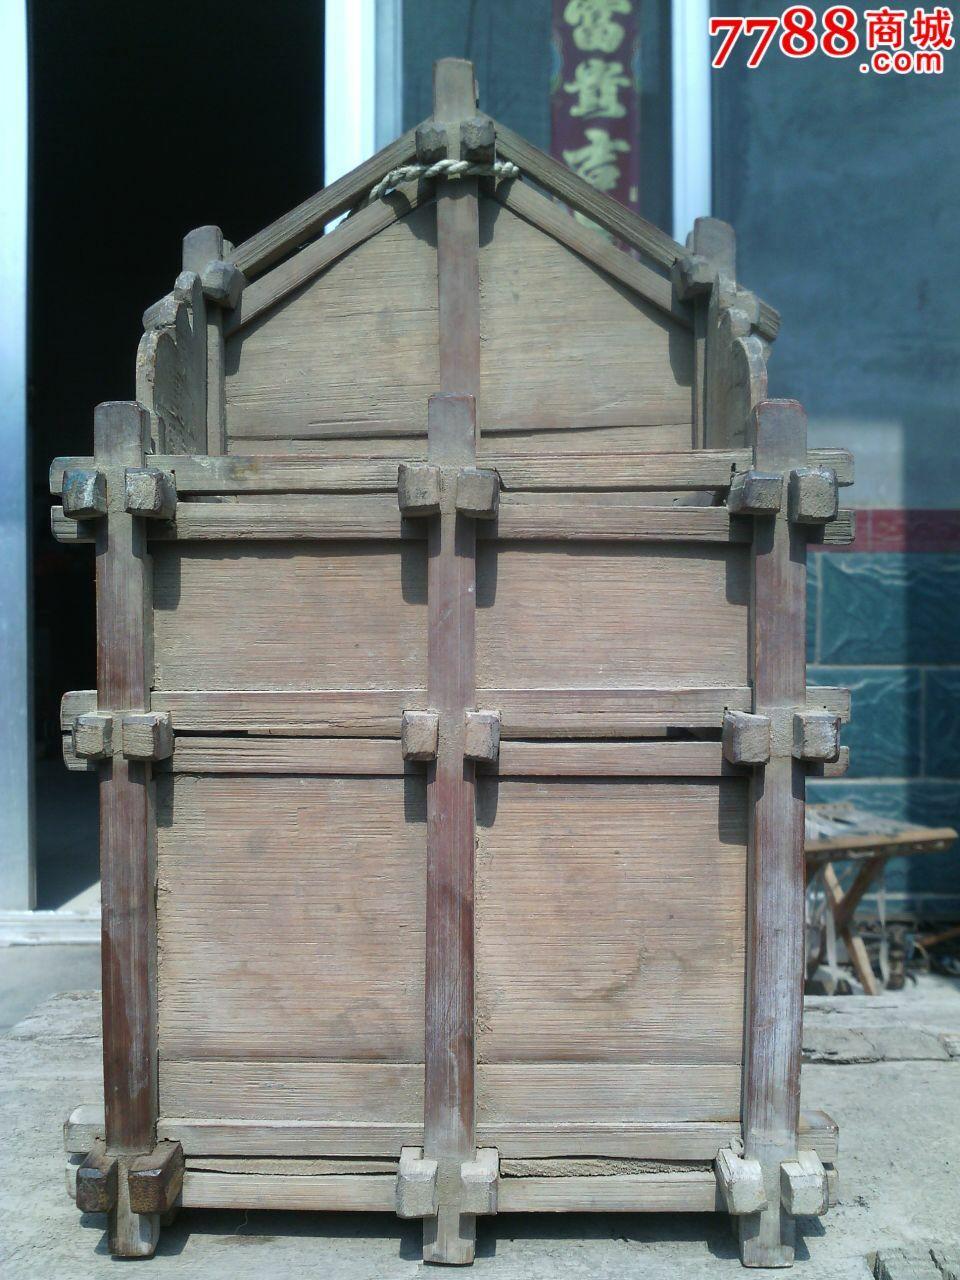 老手工制作筷子笼子